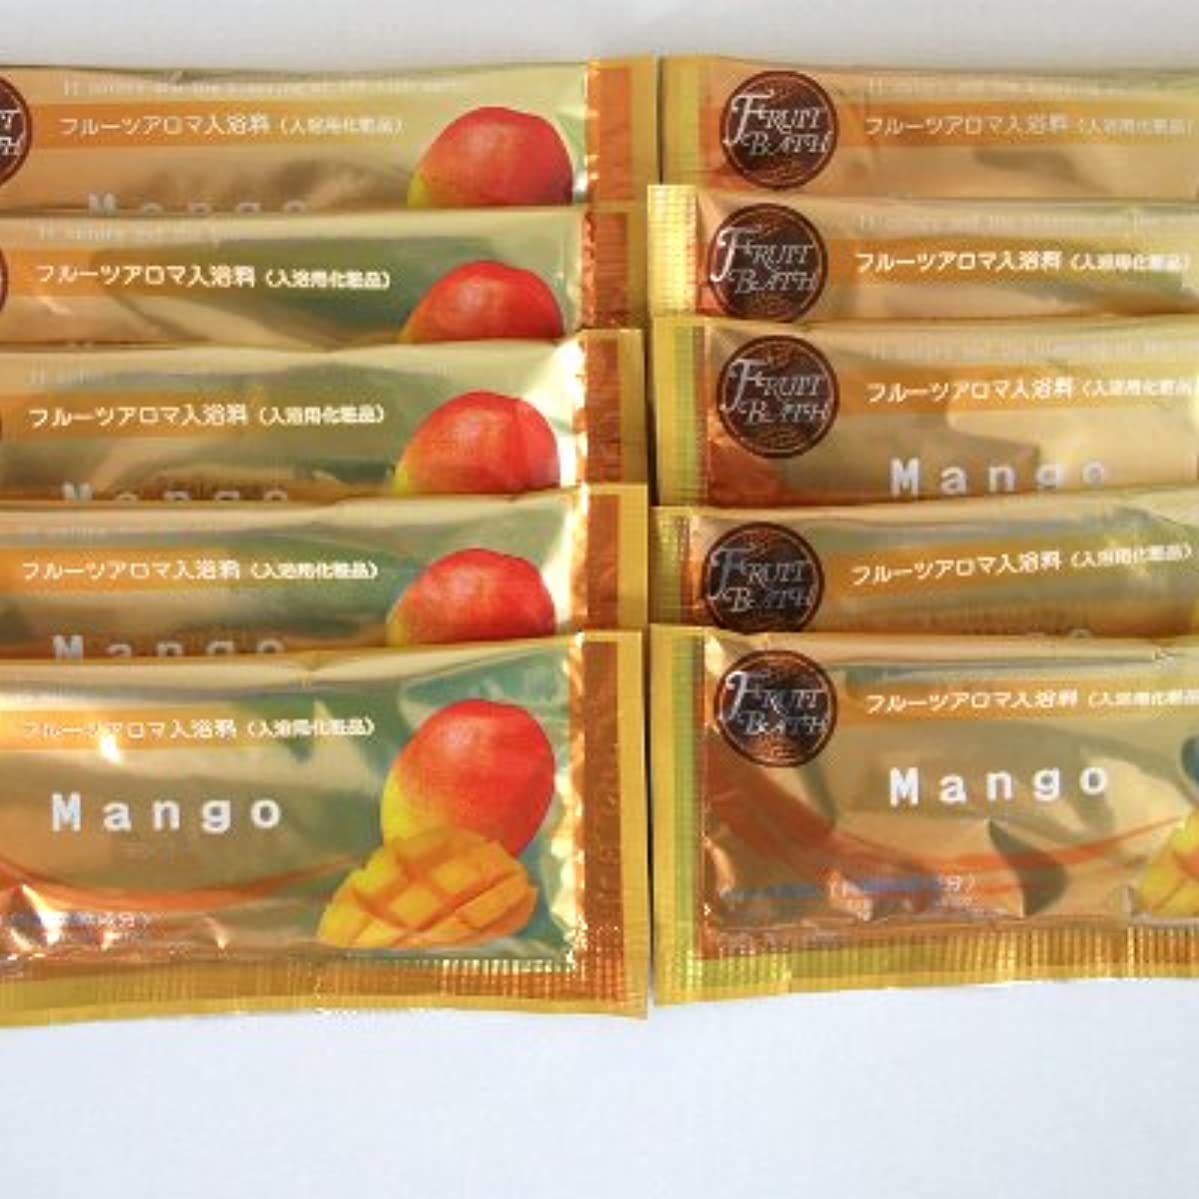 船尾話をする定規フルーツアロマ入浴剤 マンゴーの香り 10包セット